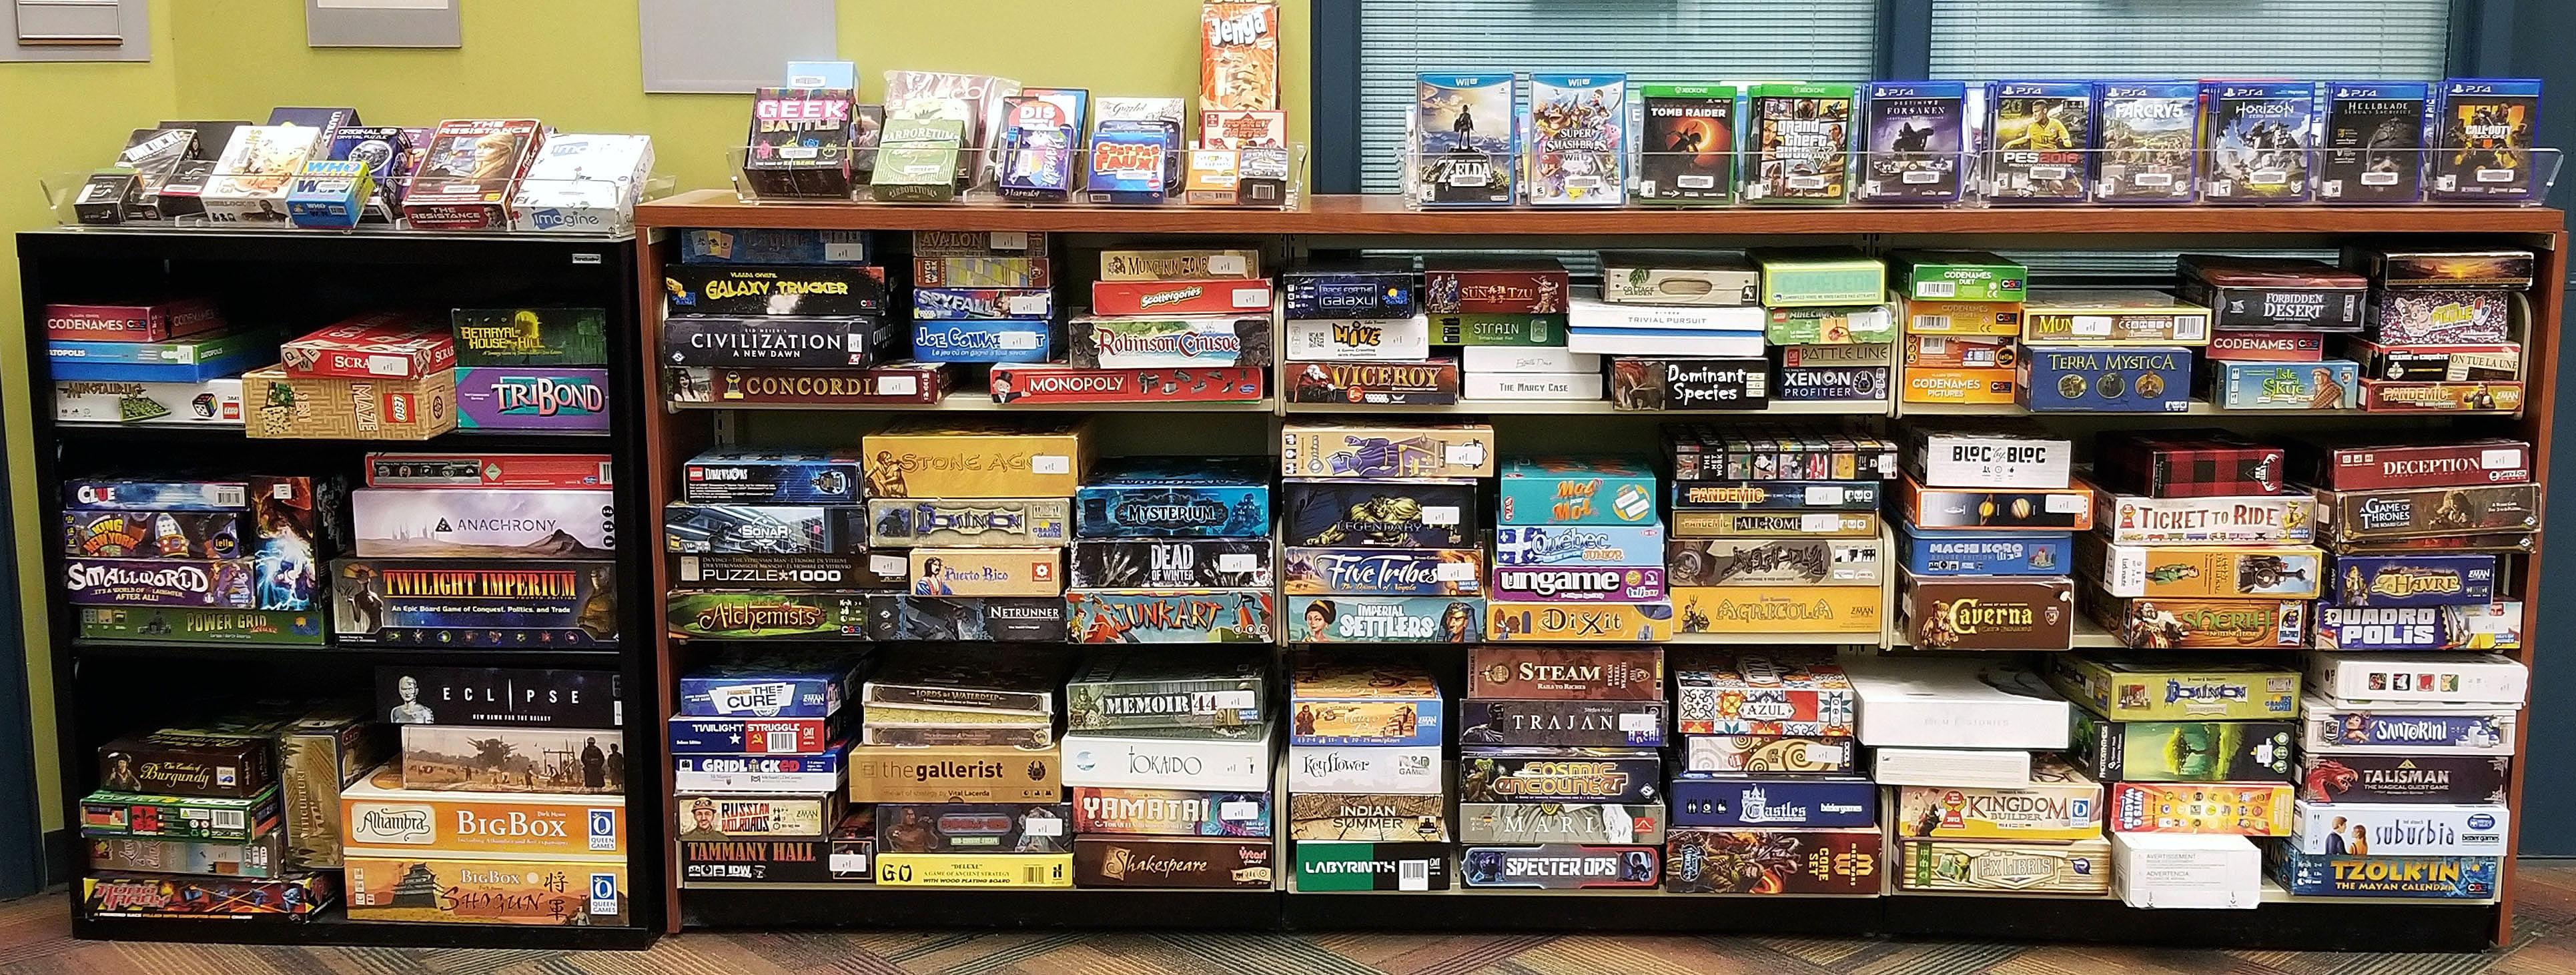 La collection de jeux vidéo et de jeux de société de la bibliothèque.